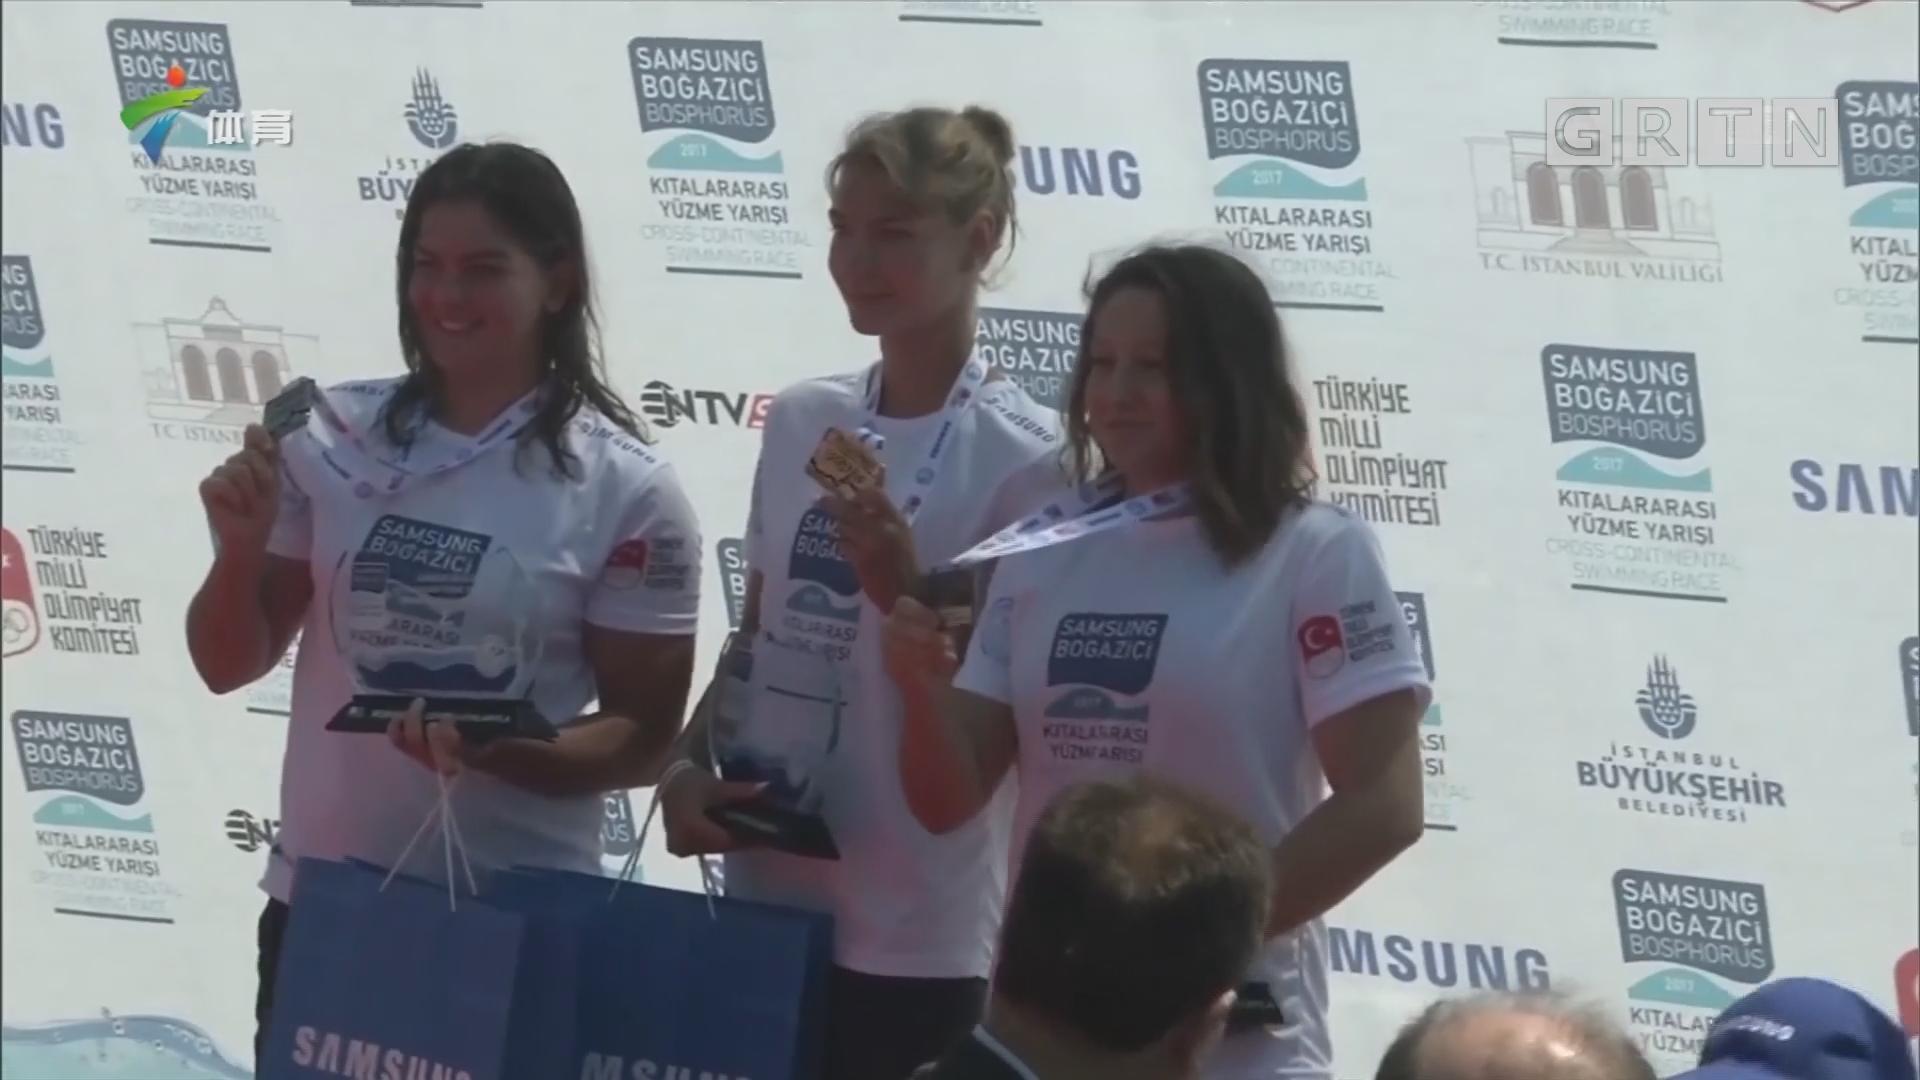 洲际跨海游泳比赛 叶利谢耶夫夺男子第一